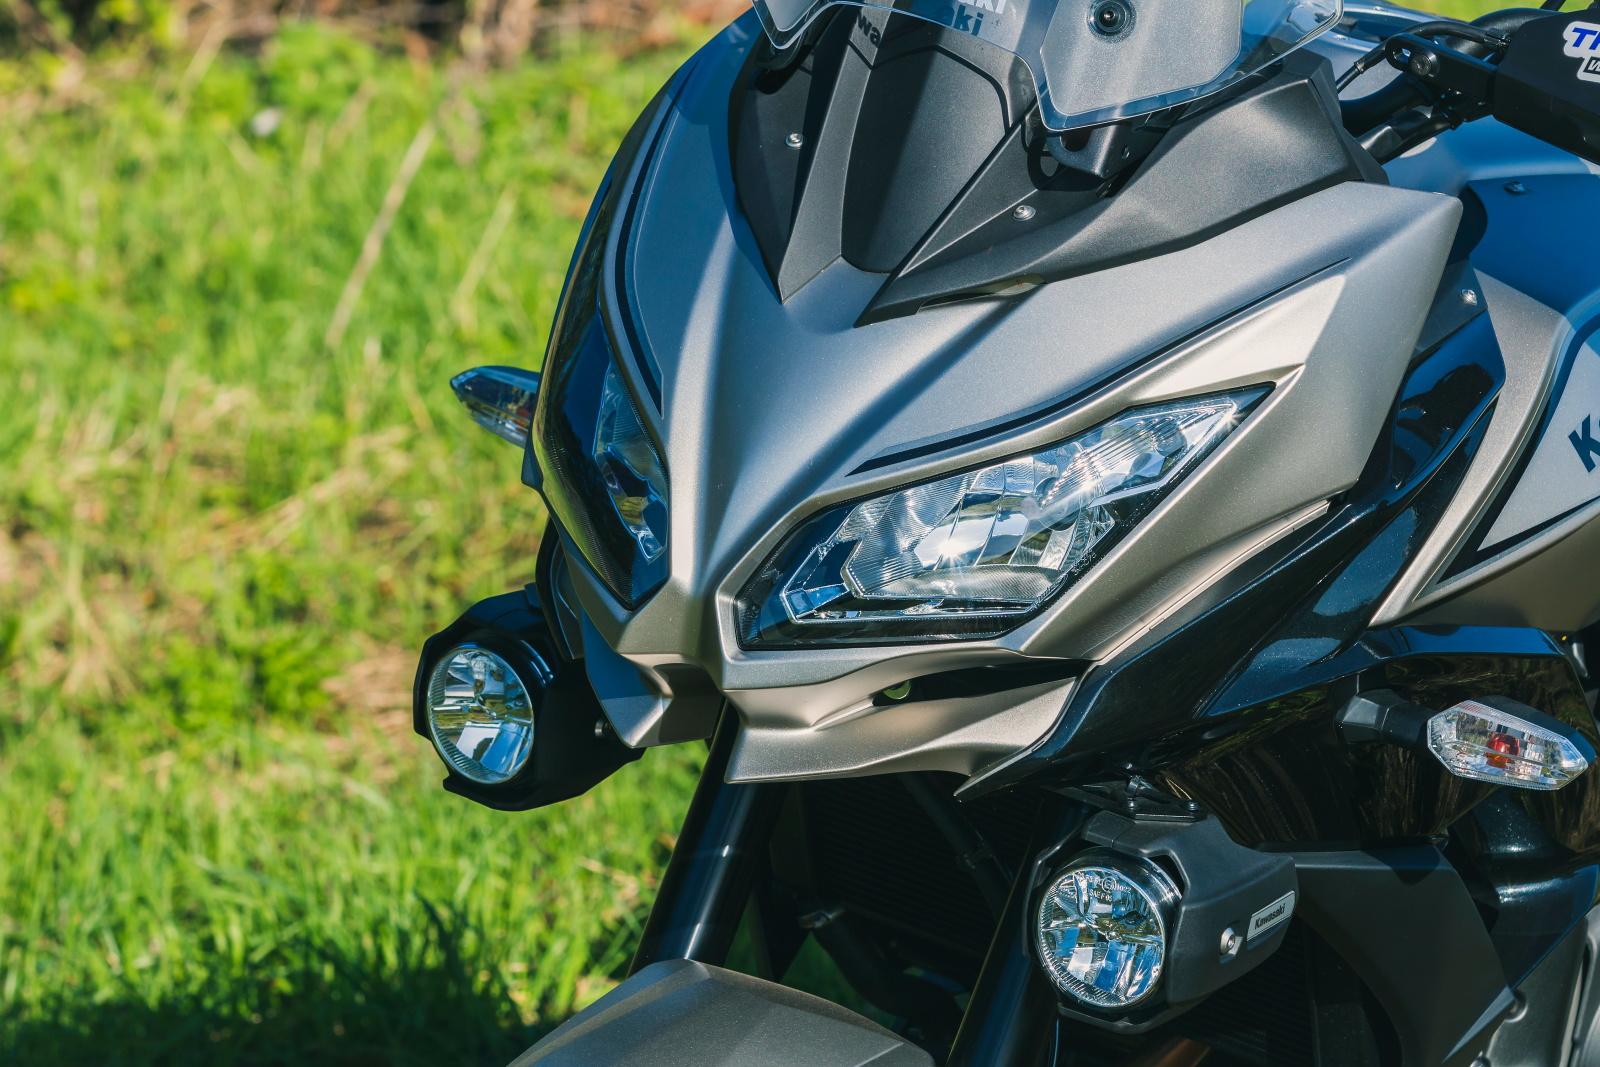 2017 Kawasaki Versys 650